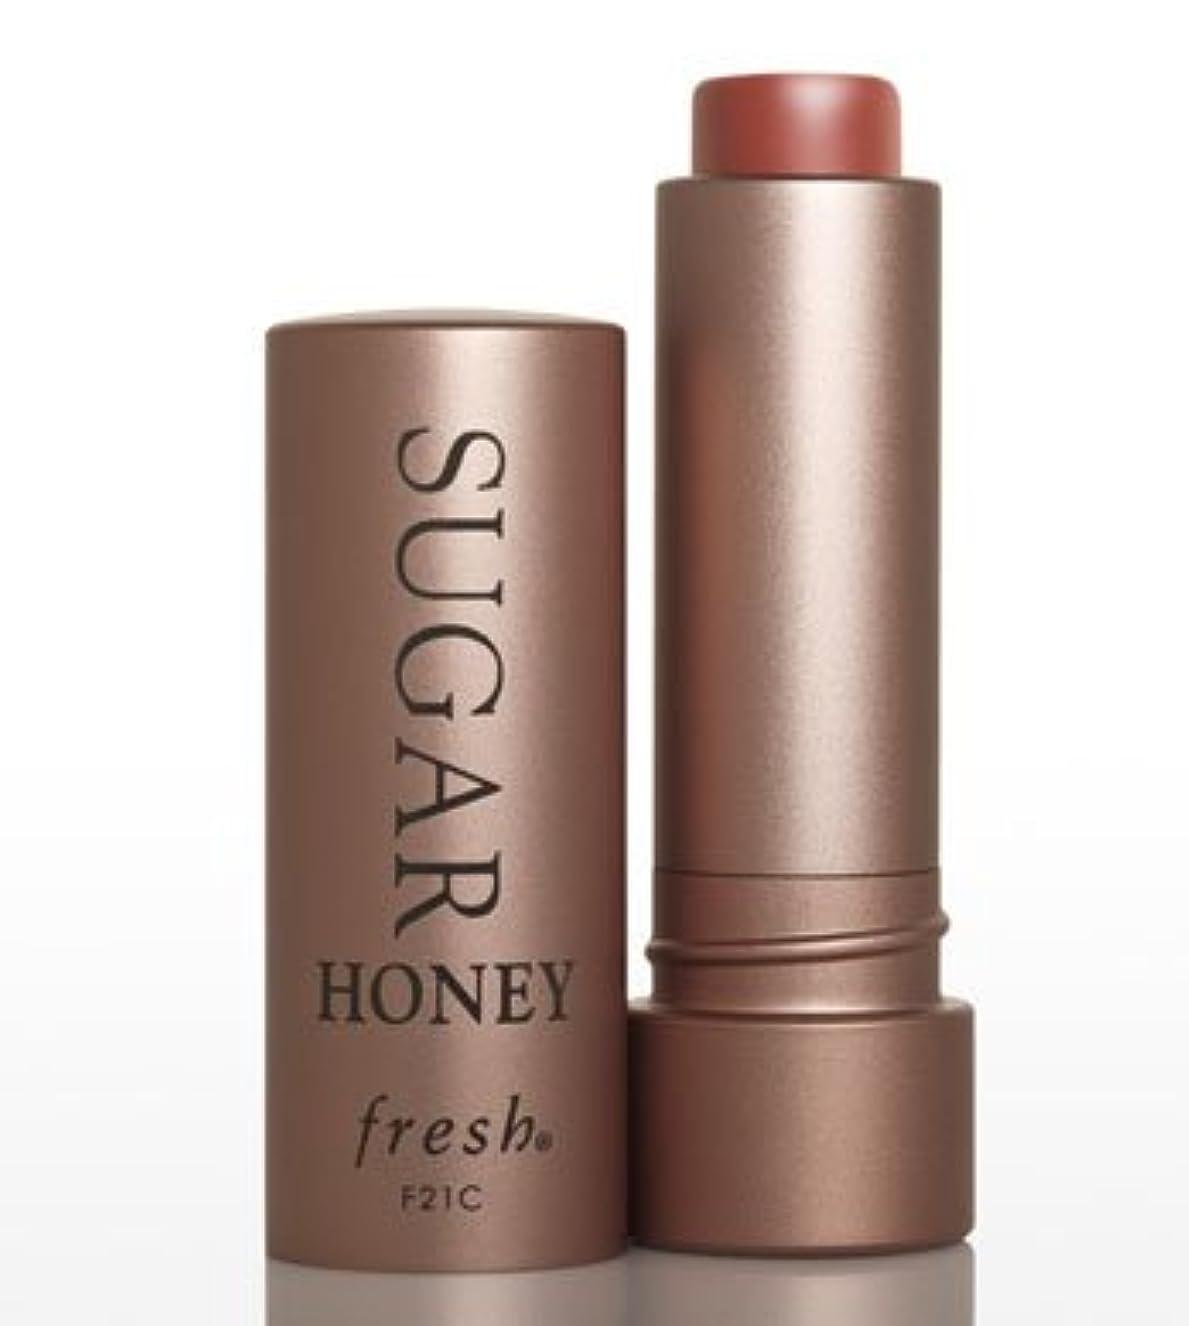 前文ファーザーファージュかすかなFresh SUGAR Honey TINTED LIP TREATMENT SPF15(フレッシュ シュガー ハニー ティンテッド リップ トリートメント SPF15) 0.15 oz (4.3g)